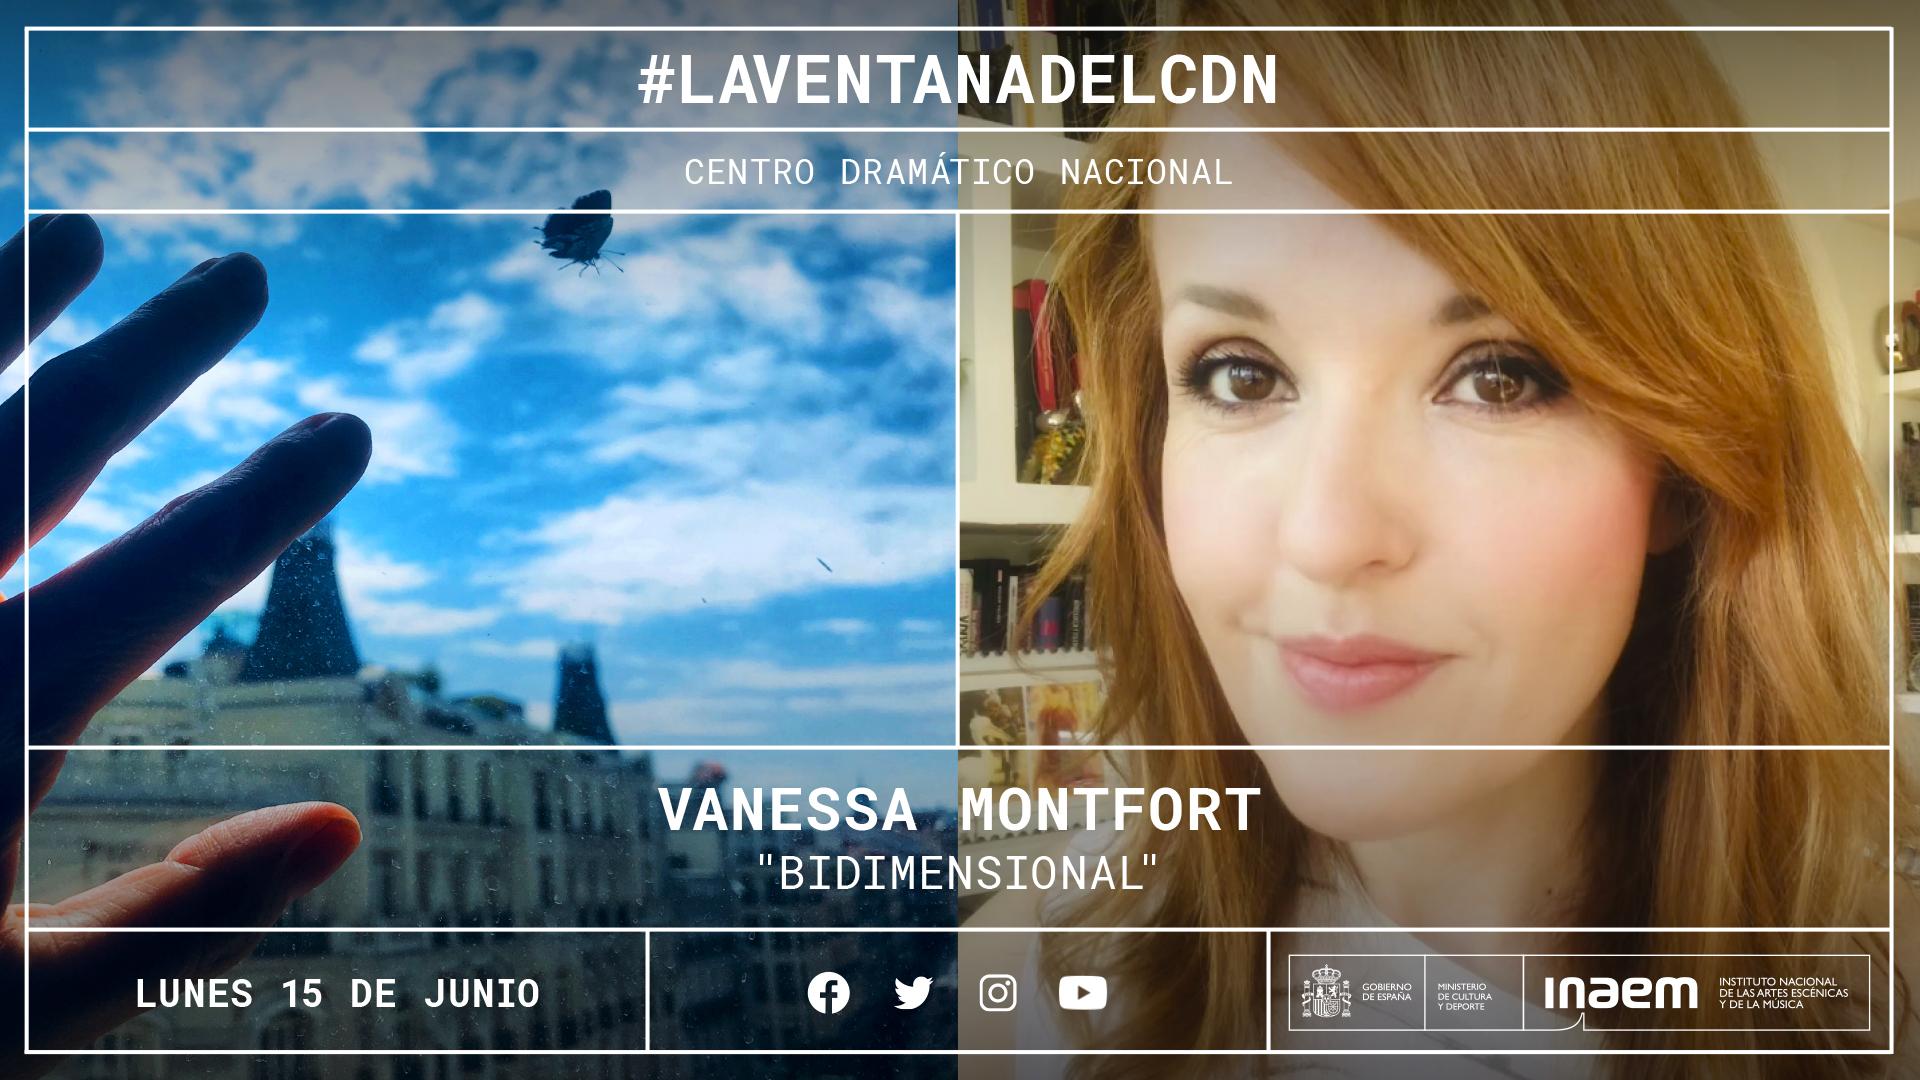 Vanessa Montfort nos cuenta las dimensiones del confinamiento desde su particular ventana